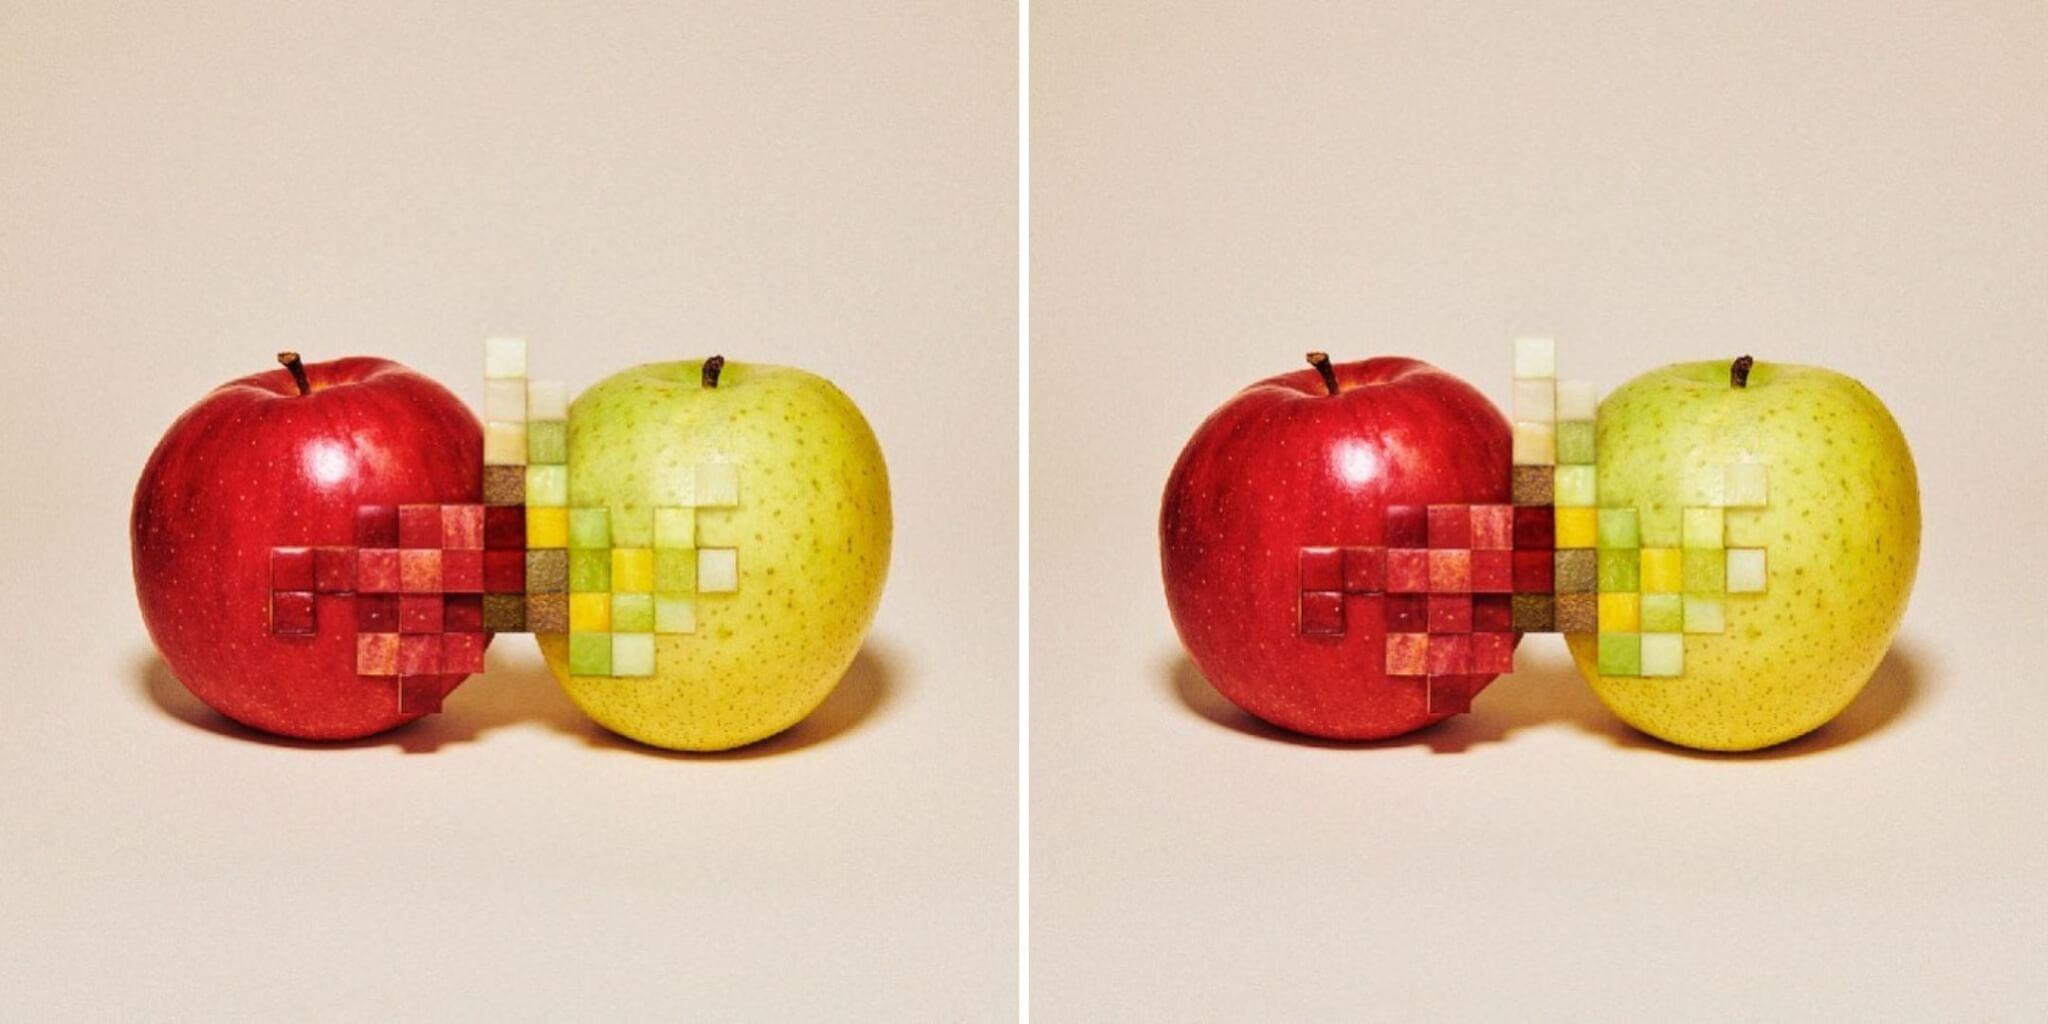 obra de pixeles con fruta